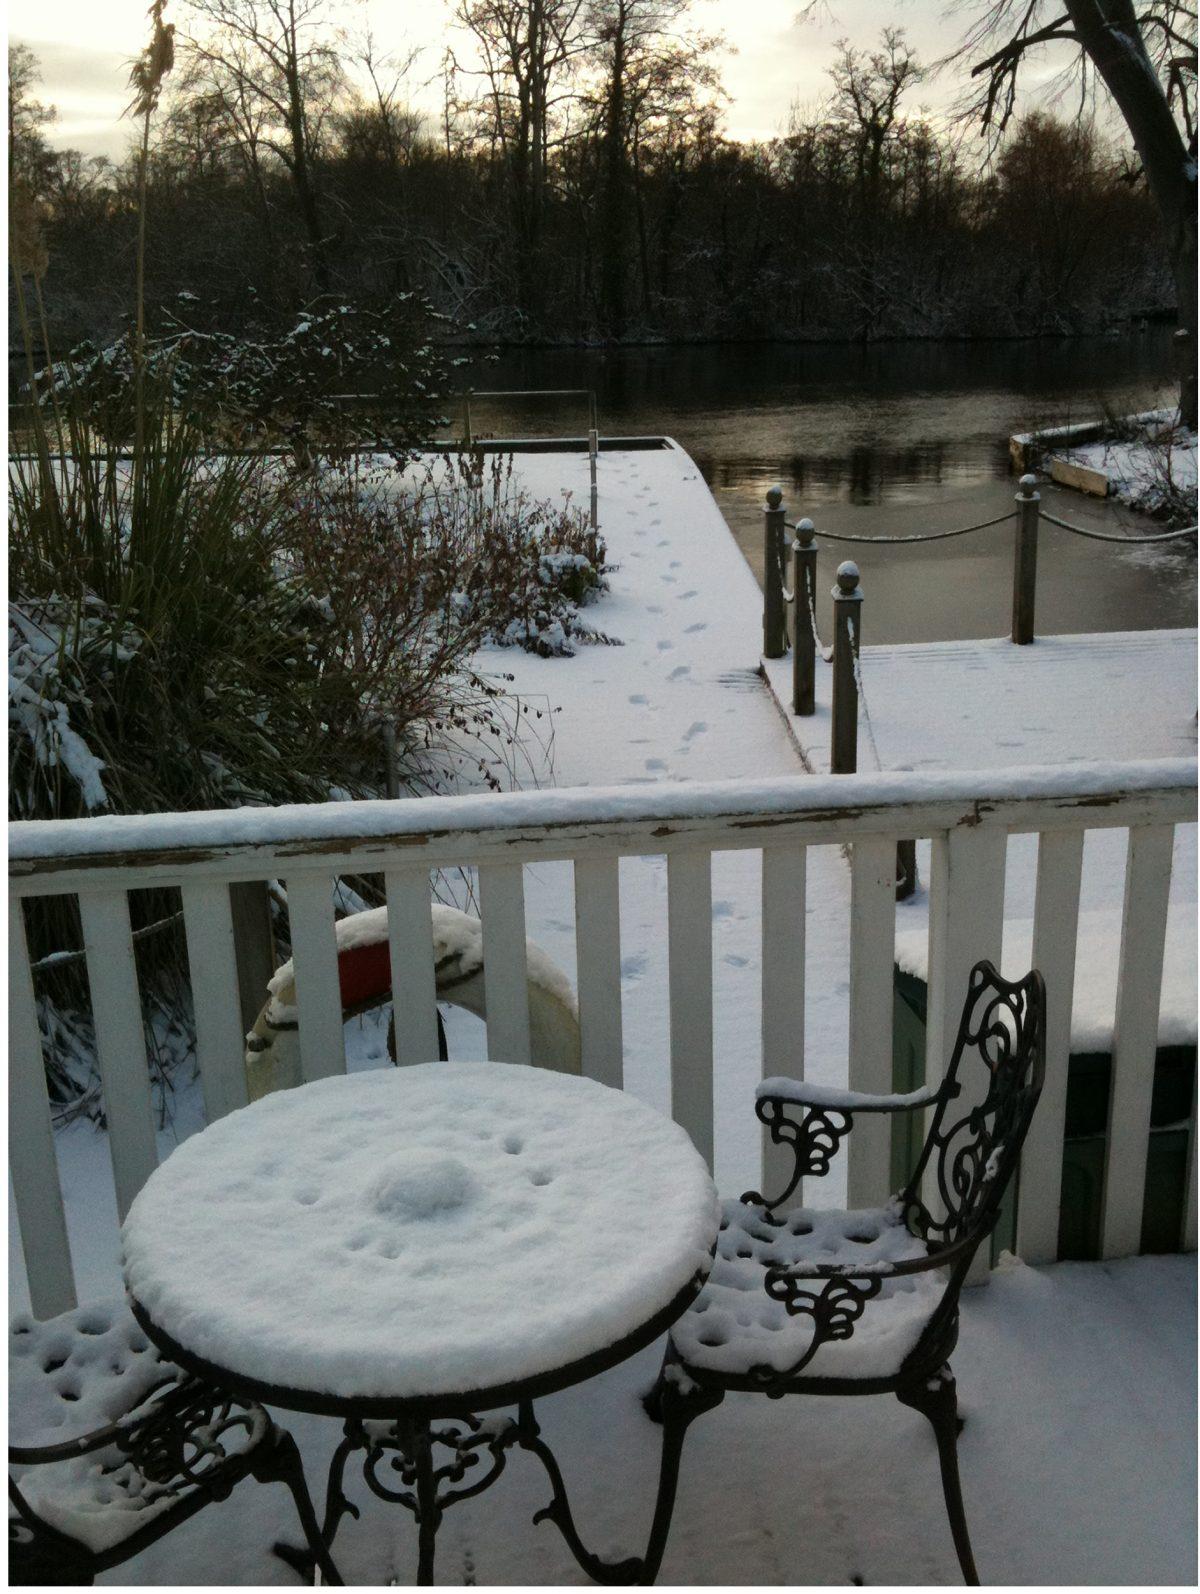 Noosa Sound decking, garden and mooring in snow